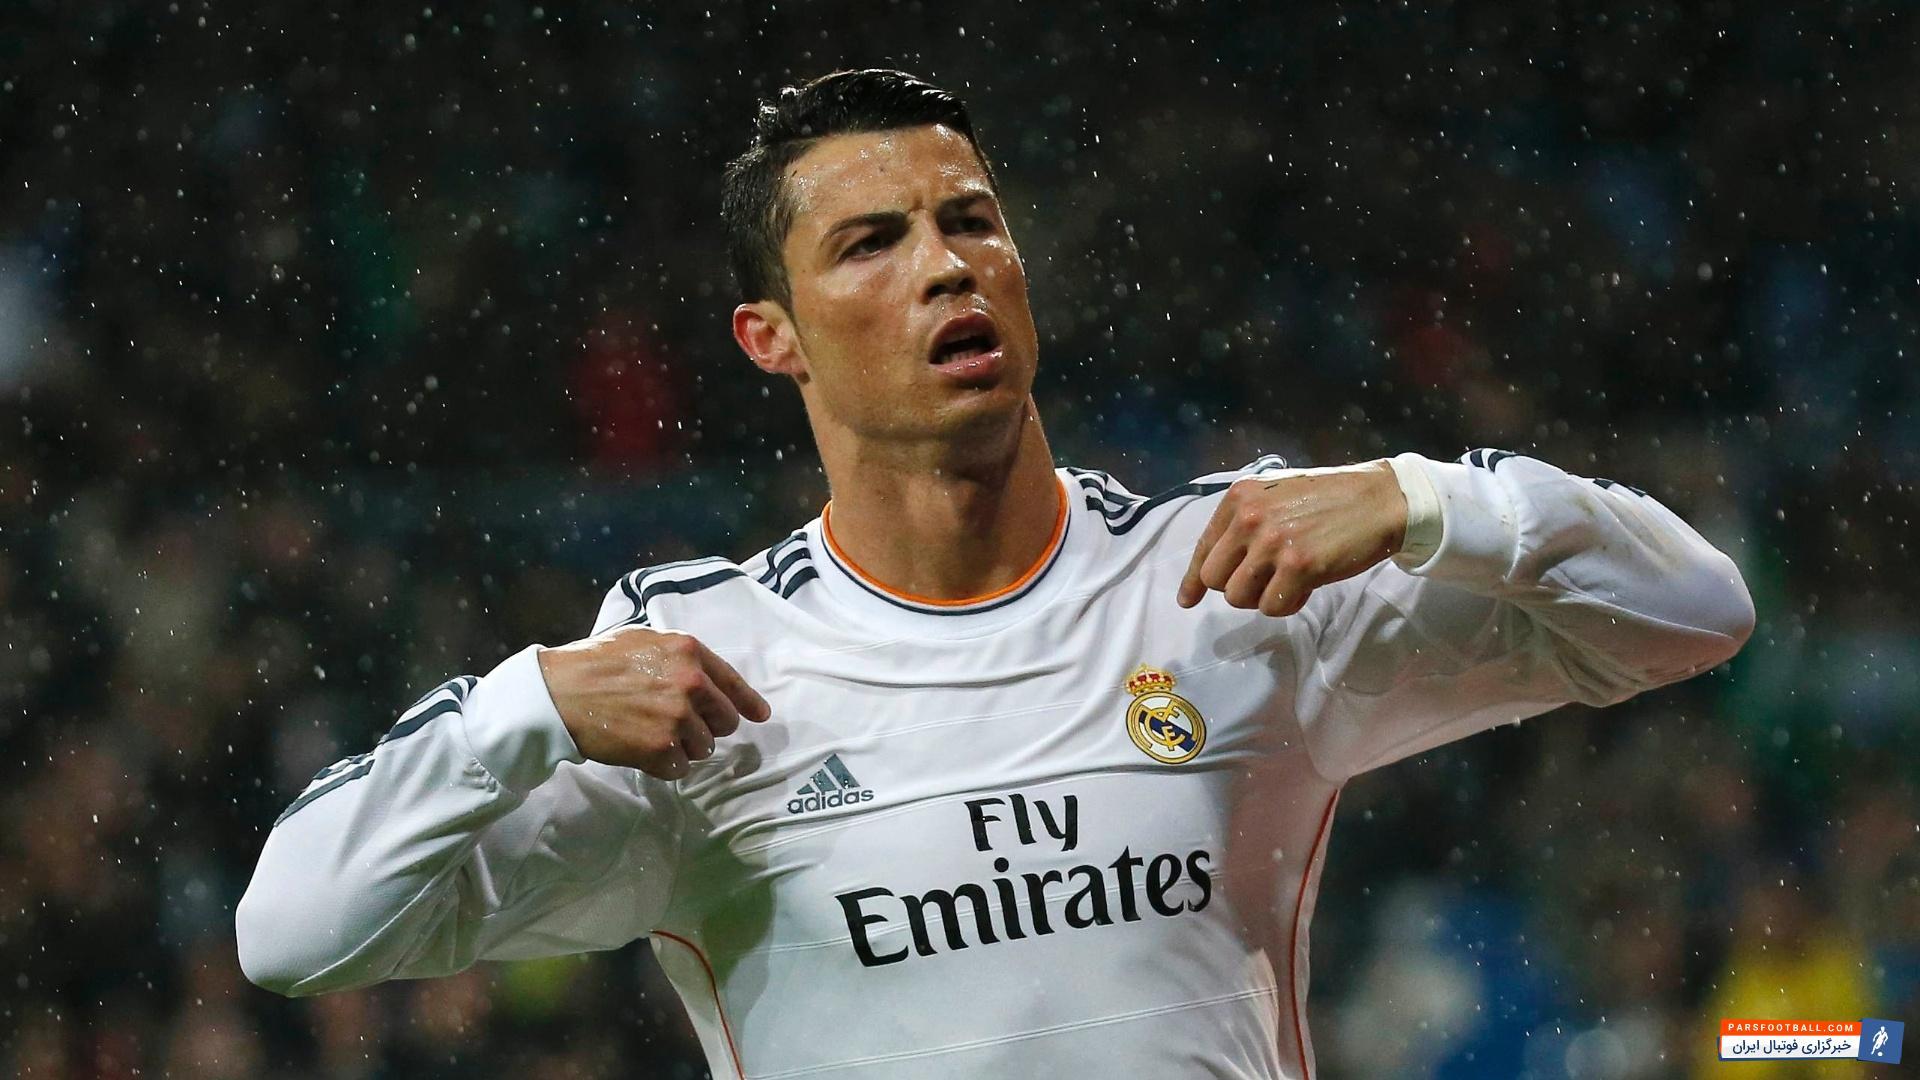 رونالدو با زدن دو گل در وقت های اضافه به صلاح درس داد , پارس فوتبال